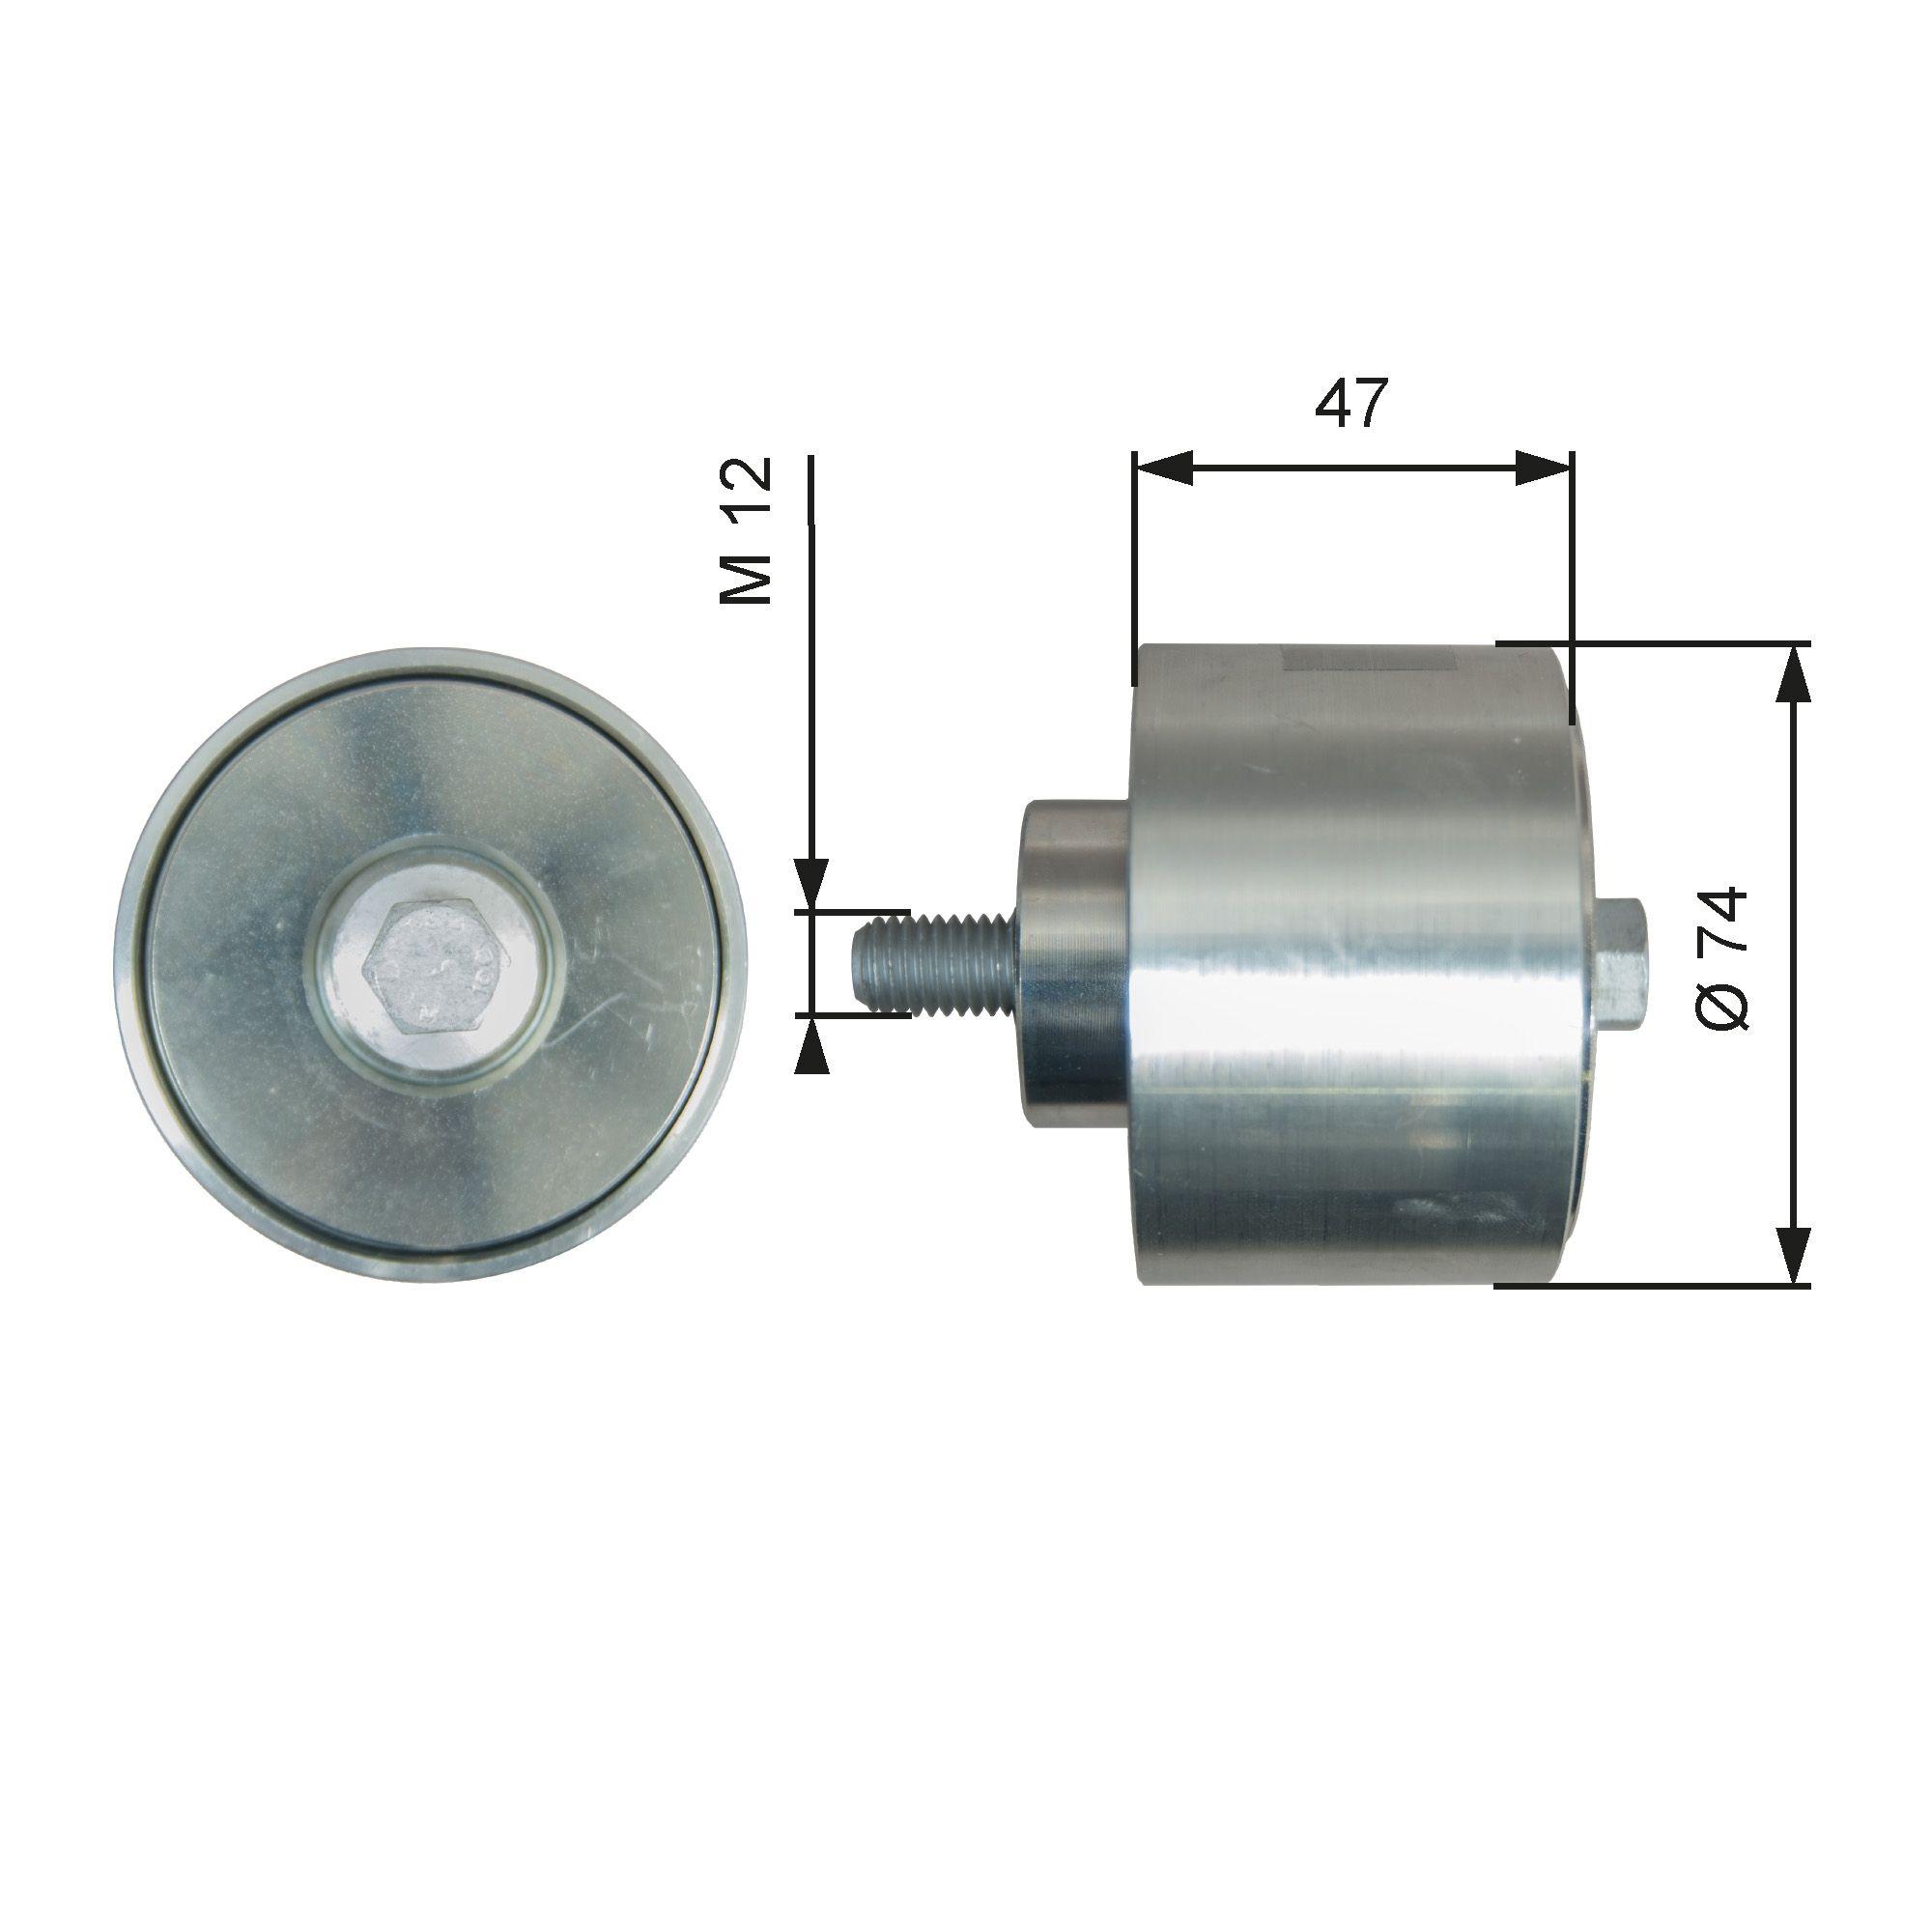 GATES Deflection / Guide Pulley, v-ribbed belt for IVECO - item number: T36637